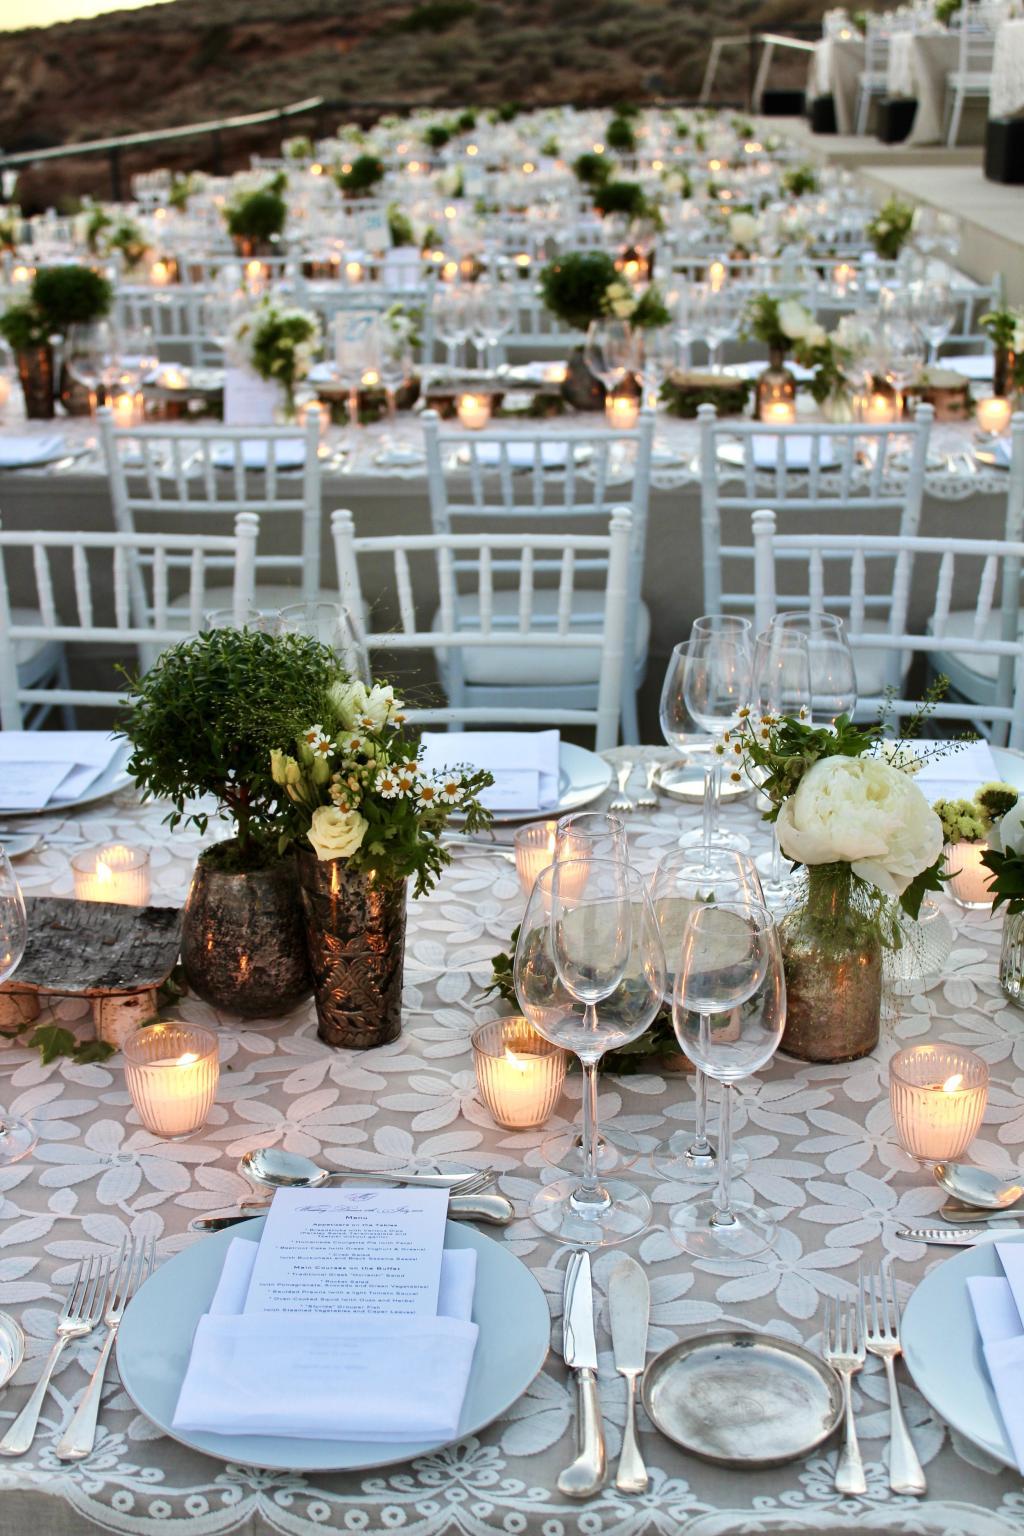 I&M Syros wedding - Image 6